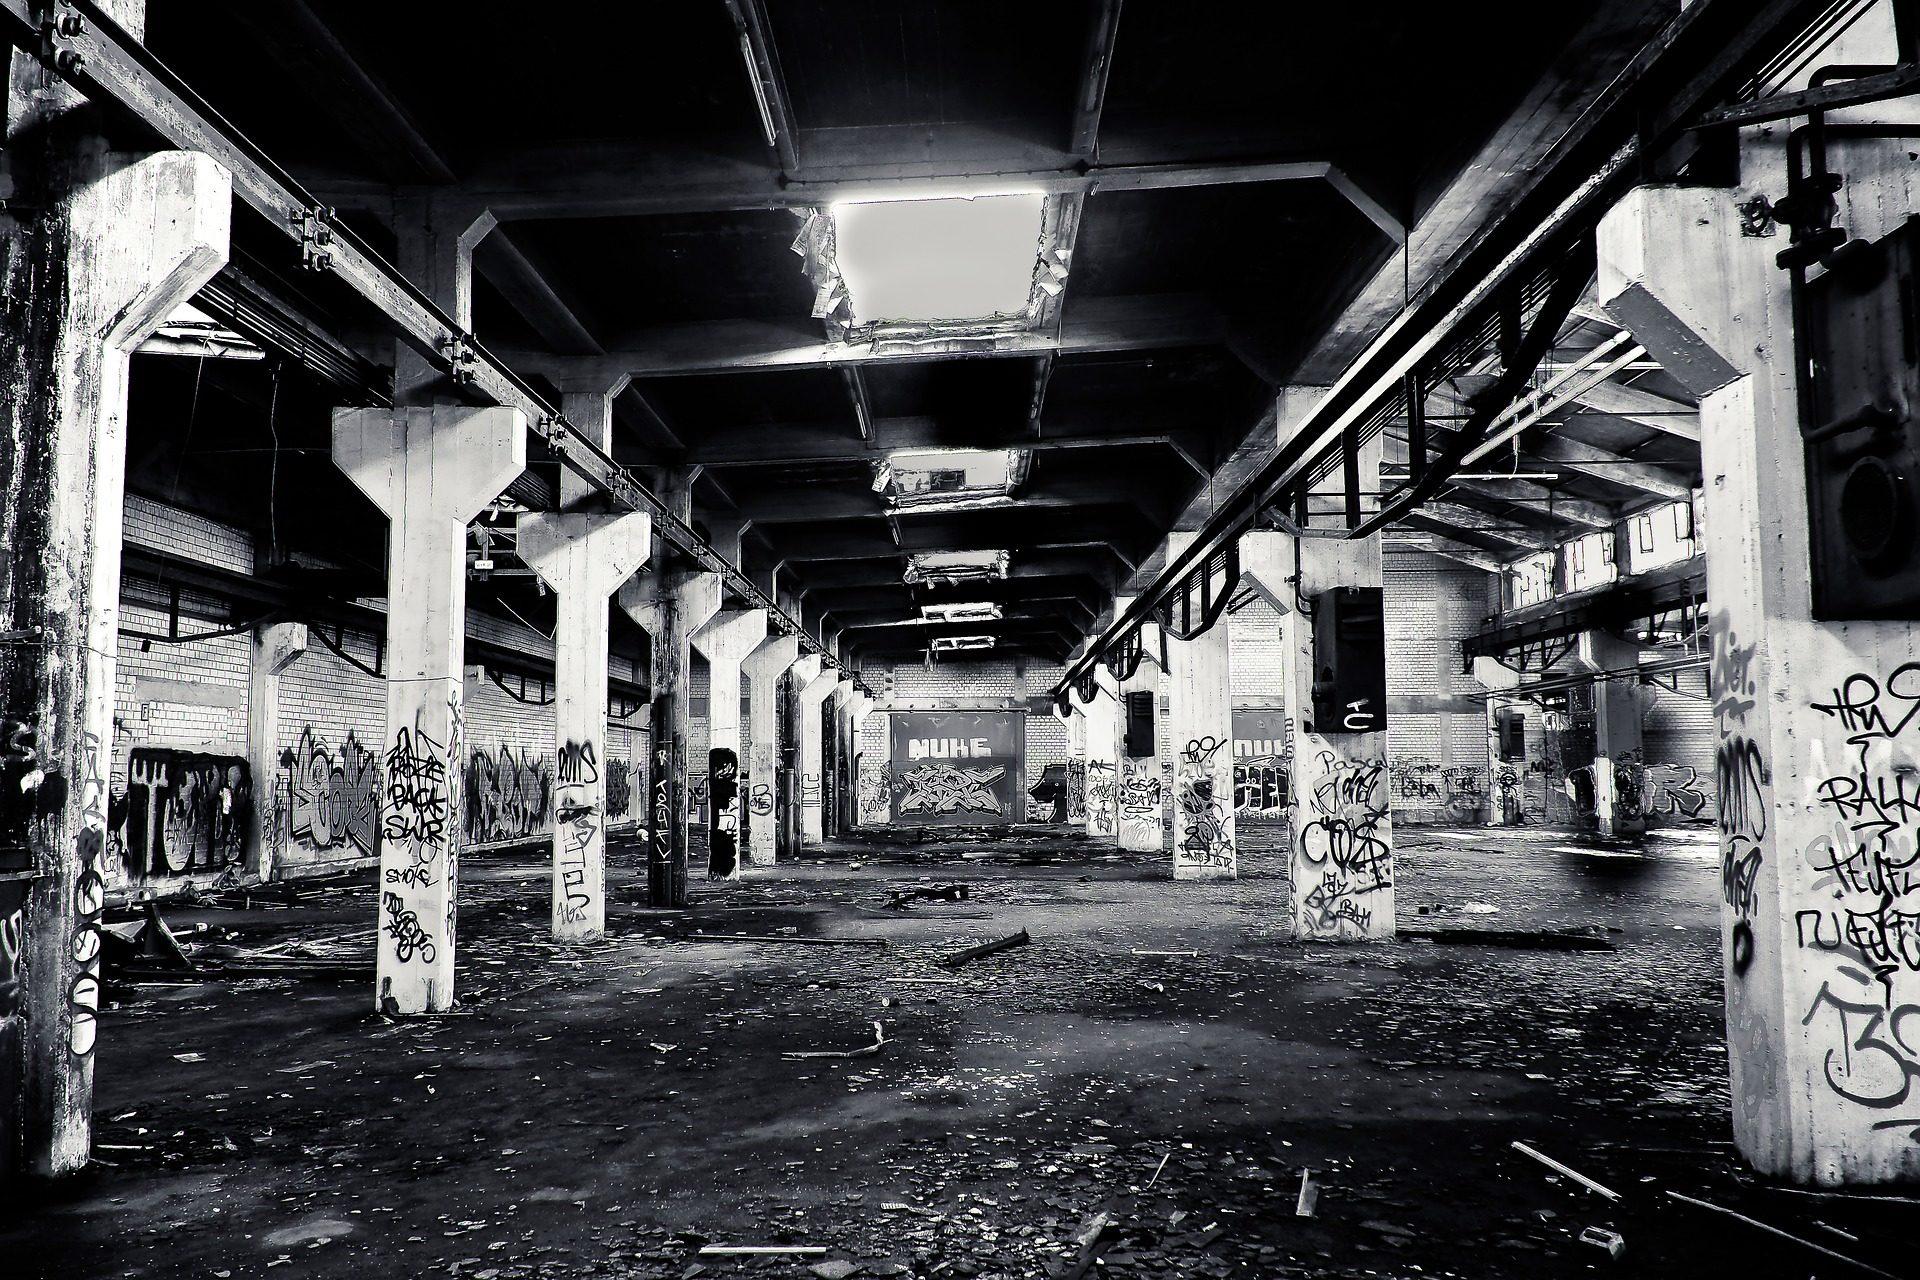 bâtiment, architecture, vieux, abandonné, poubelle, saleté, en noir et blanc - Fonds d'écran HD - Professor-falken.com